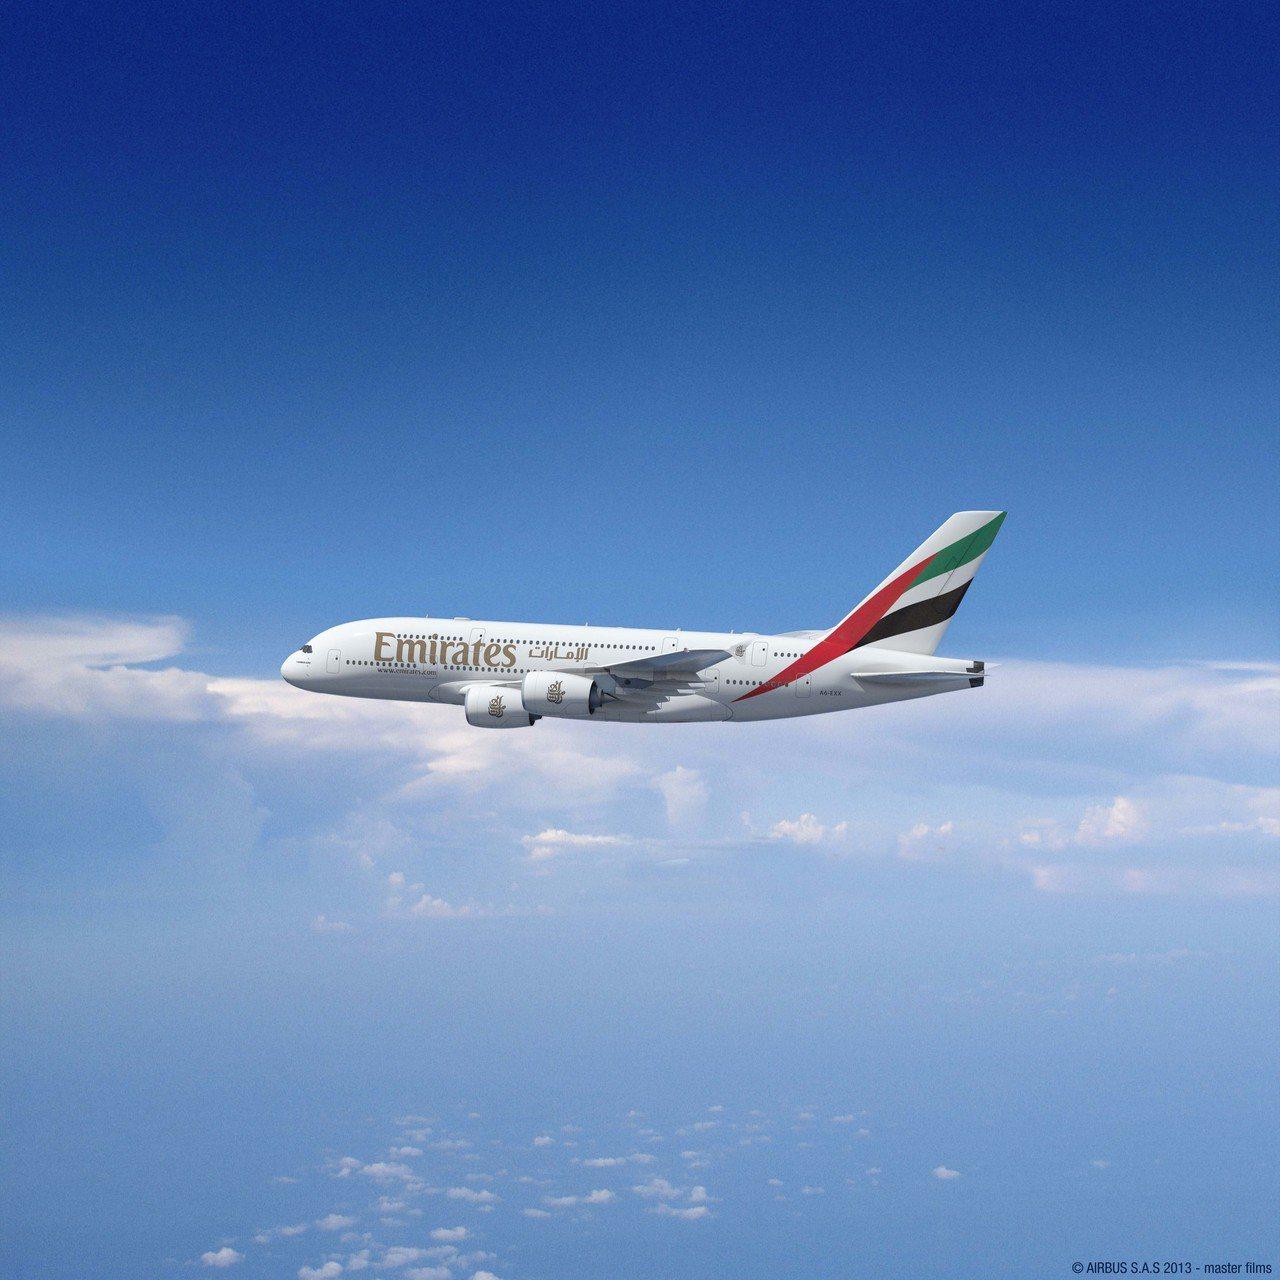 阿聯酋航空推出前往歐洲機票優惠,其中,票價最低為阿姆斯特丹,單程未稅9,300元...